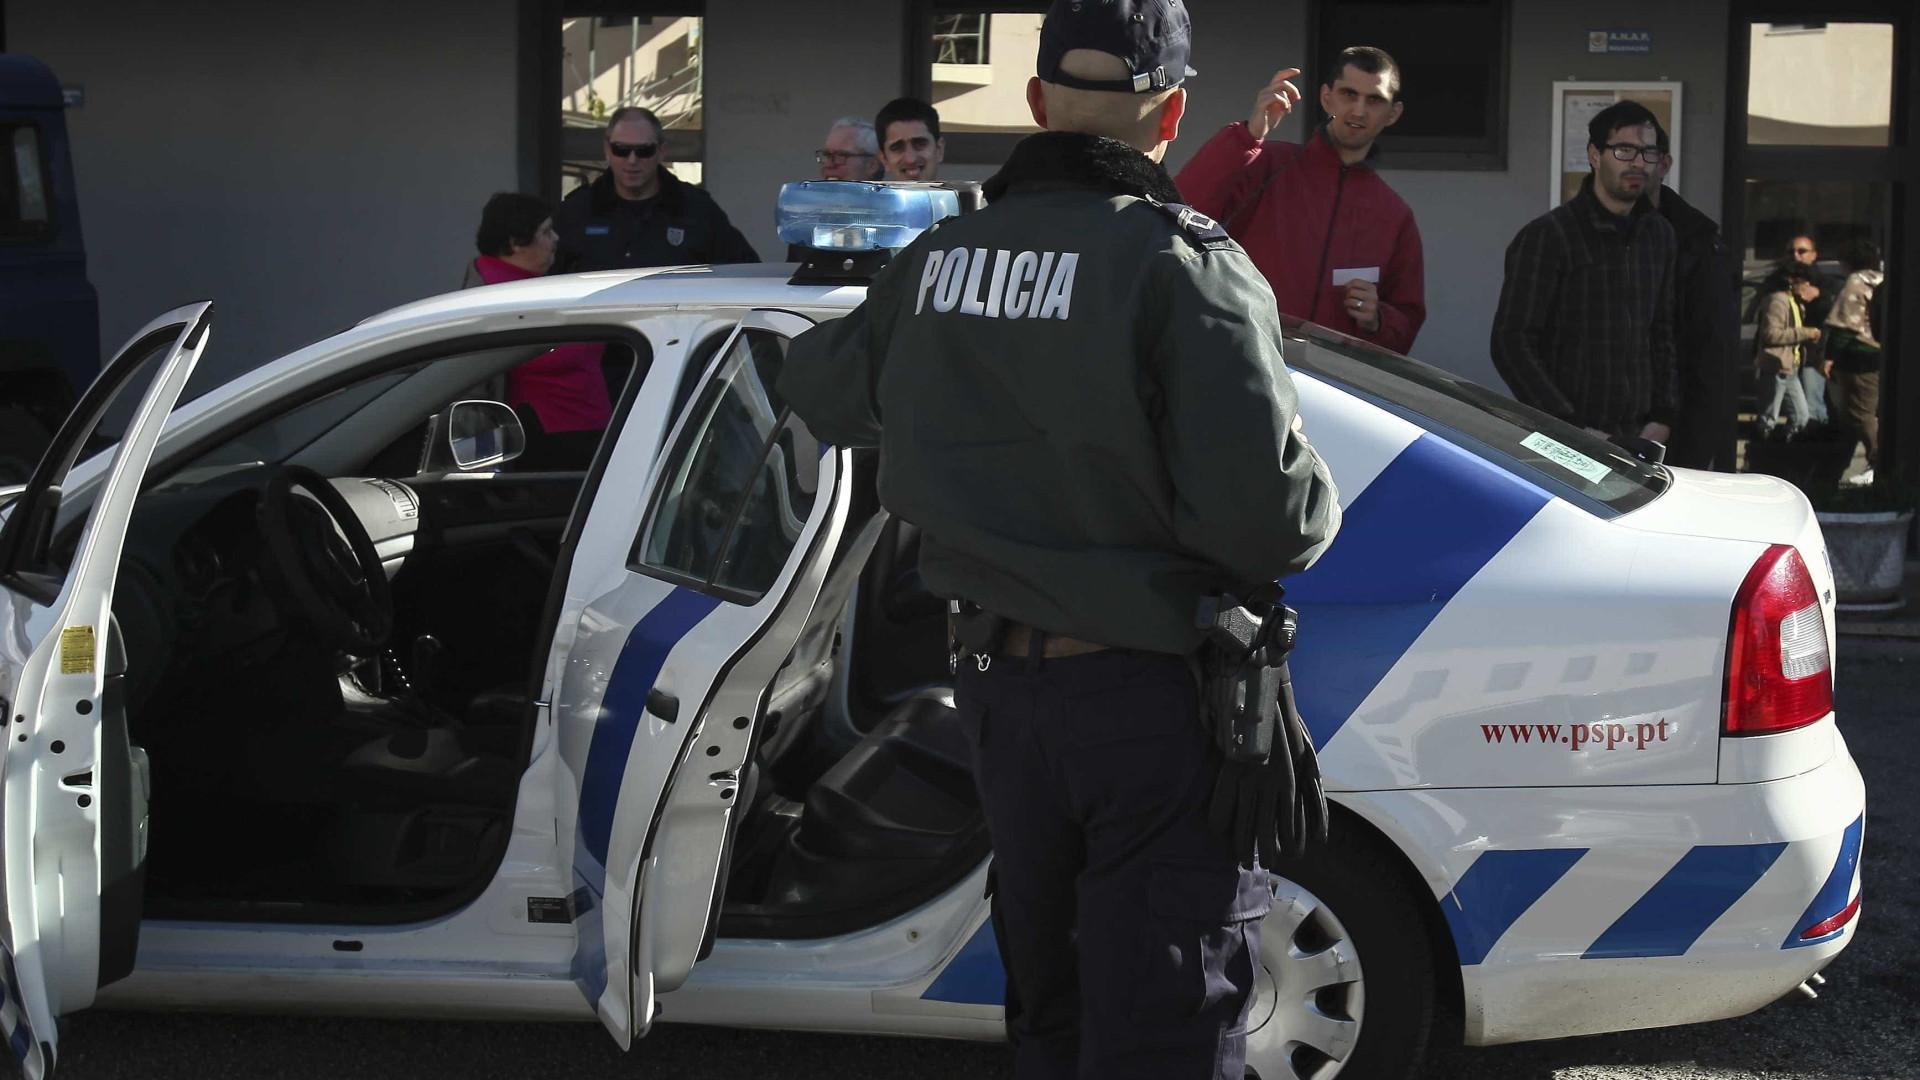 PSP deteve 12 pessoas e apreendeu 50 mil doses de droga e 400 mil euros